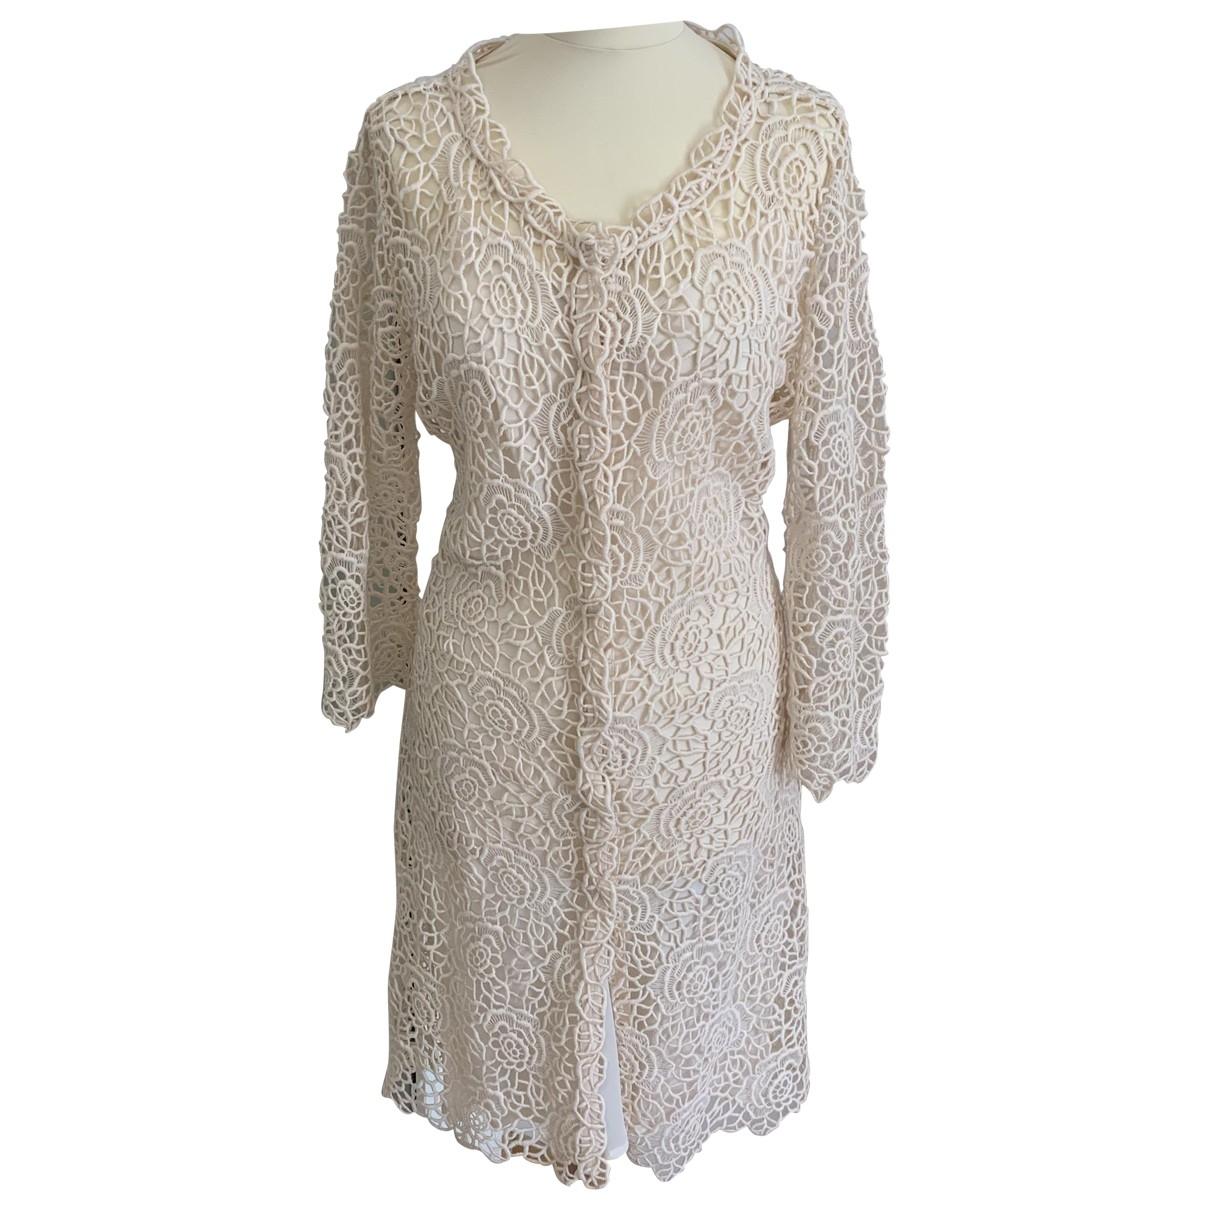 Dior \N Kleid in  Beige Wolle